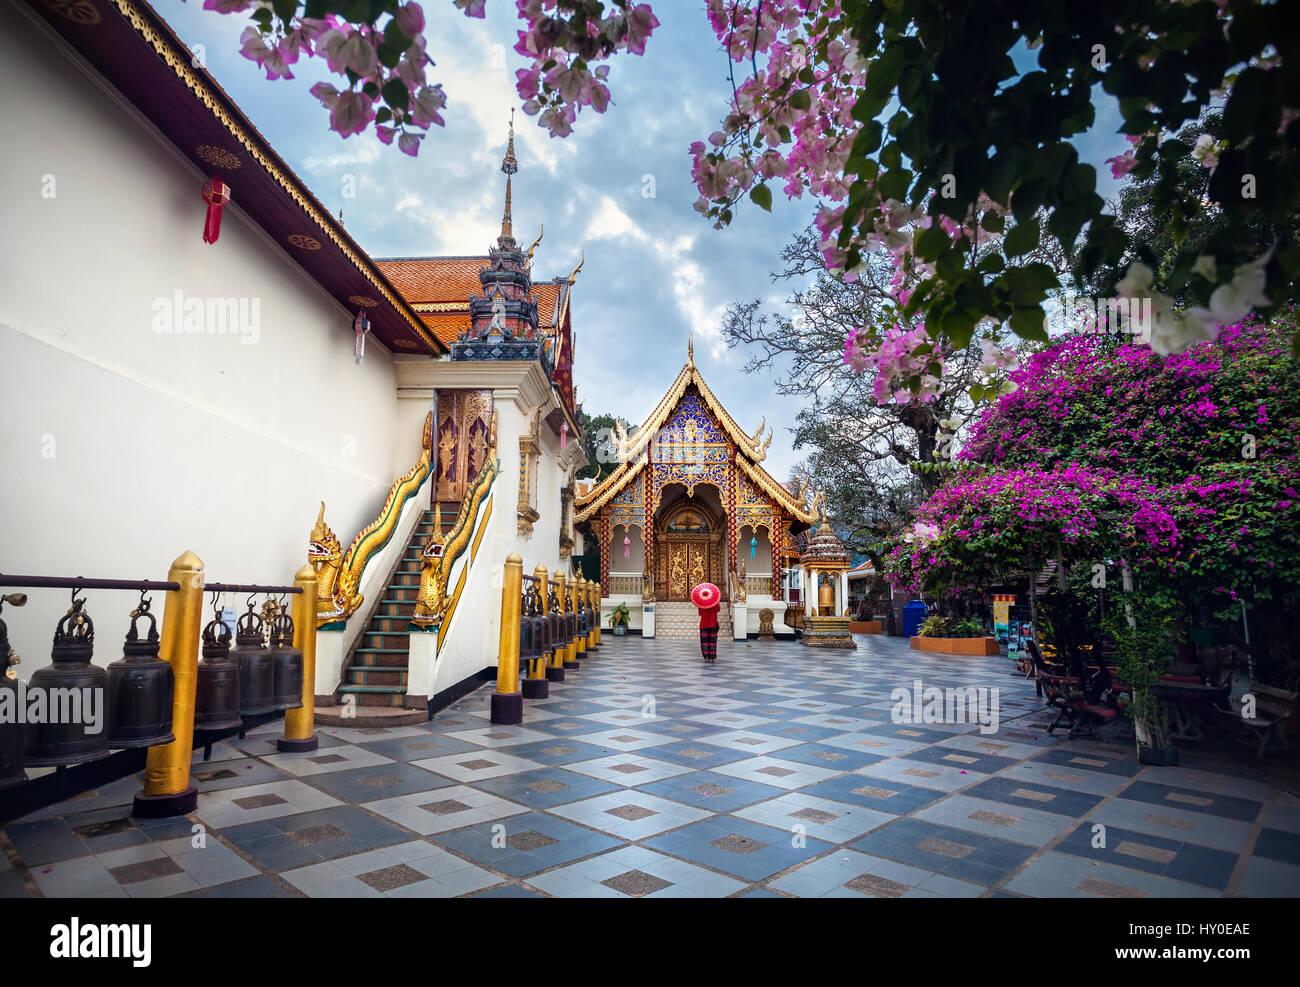 Tourisme Femme avec parapluie traditionnel Thaï rouge près de Pagoda et avec des fleurs roses d'arbres Photo Stock